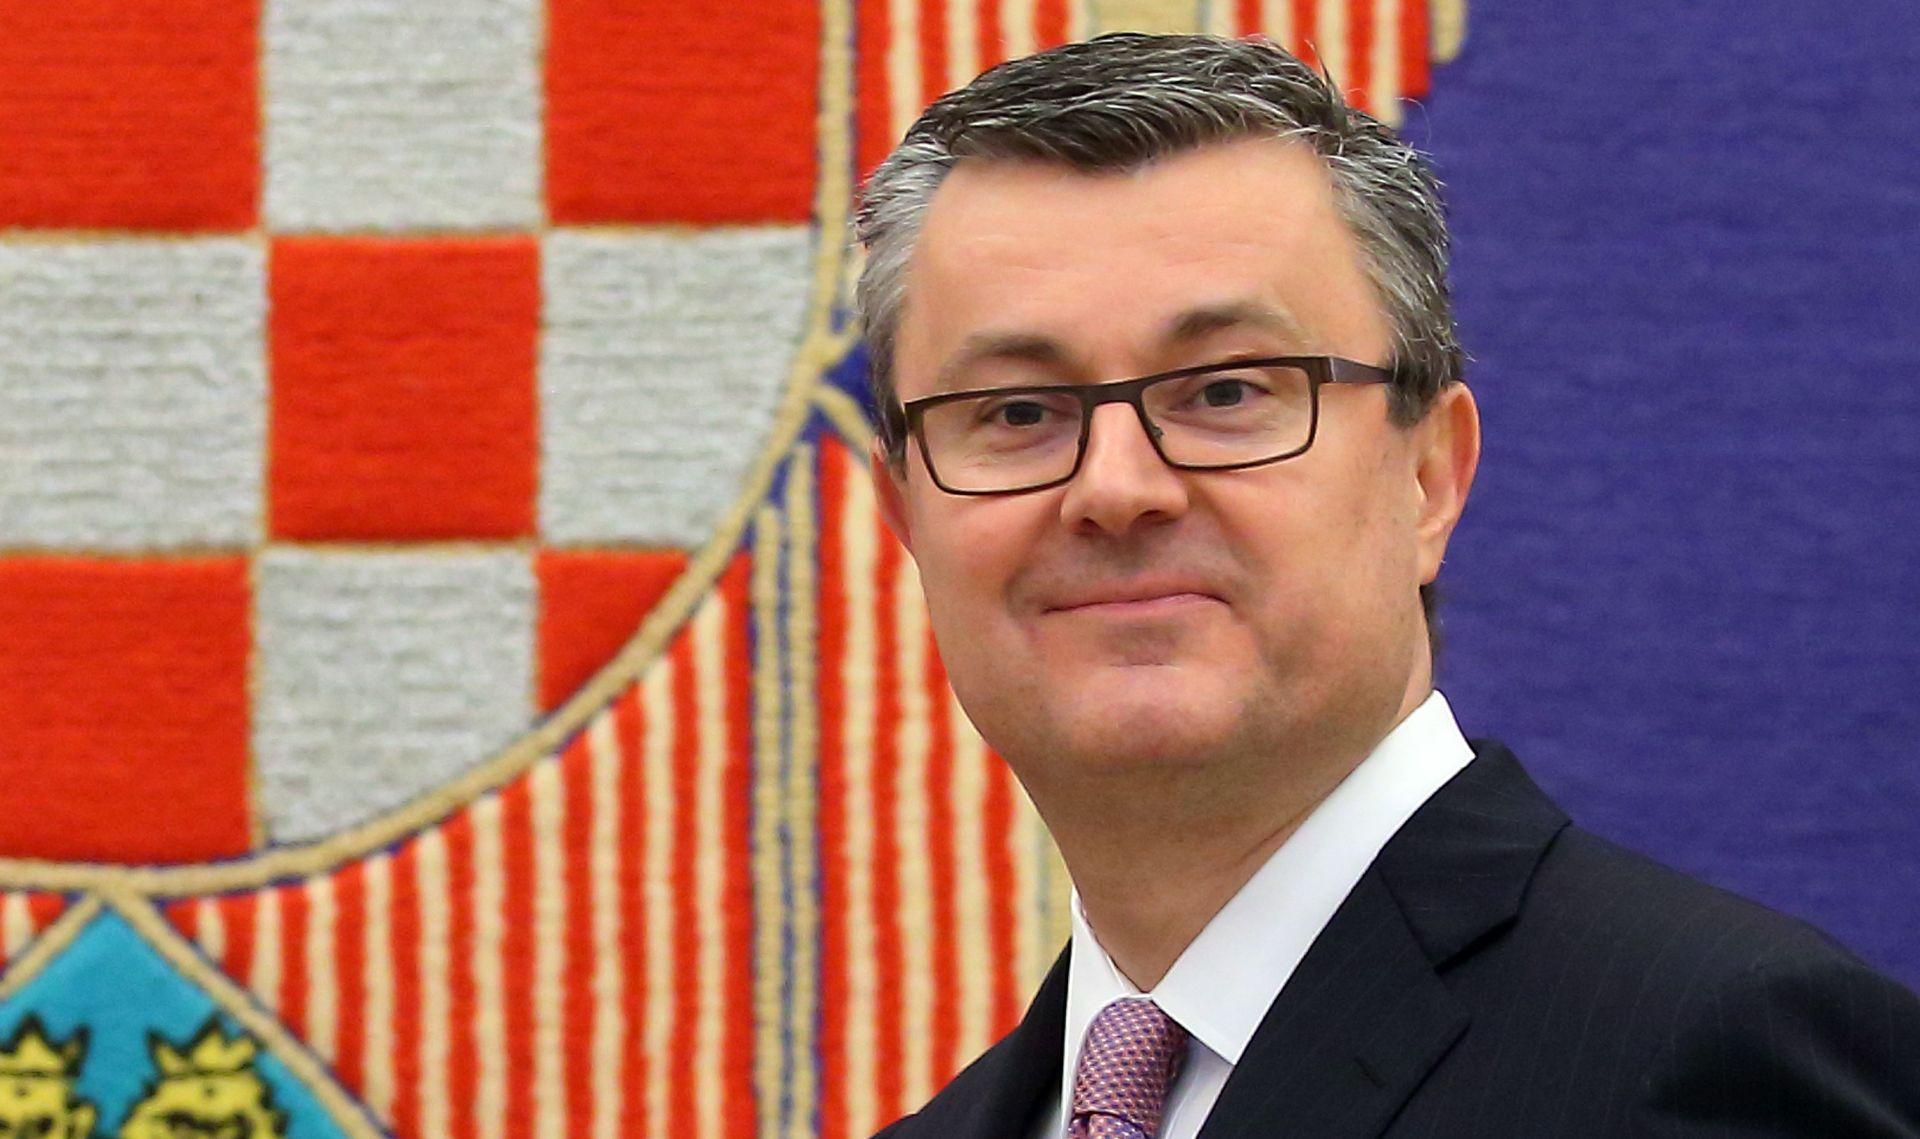 """KOMENTARI S DRUŠTVENIH MREŽA """"Sramota, imat ćemo premijera koji ne zna govoriti hrvatski"""""""